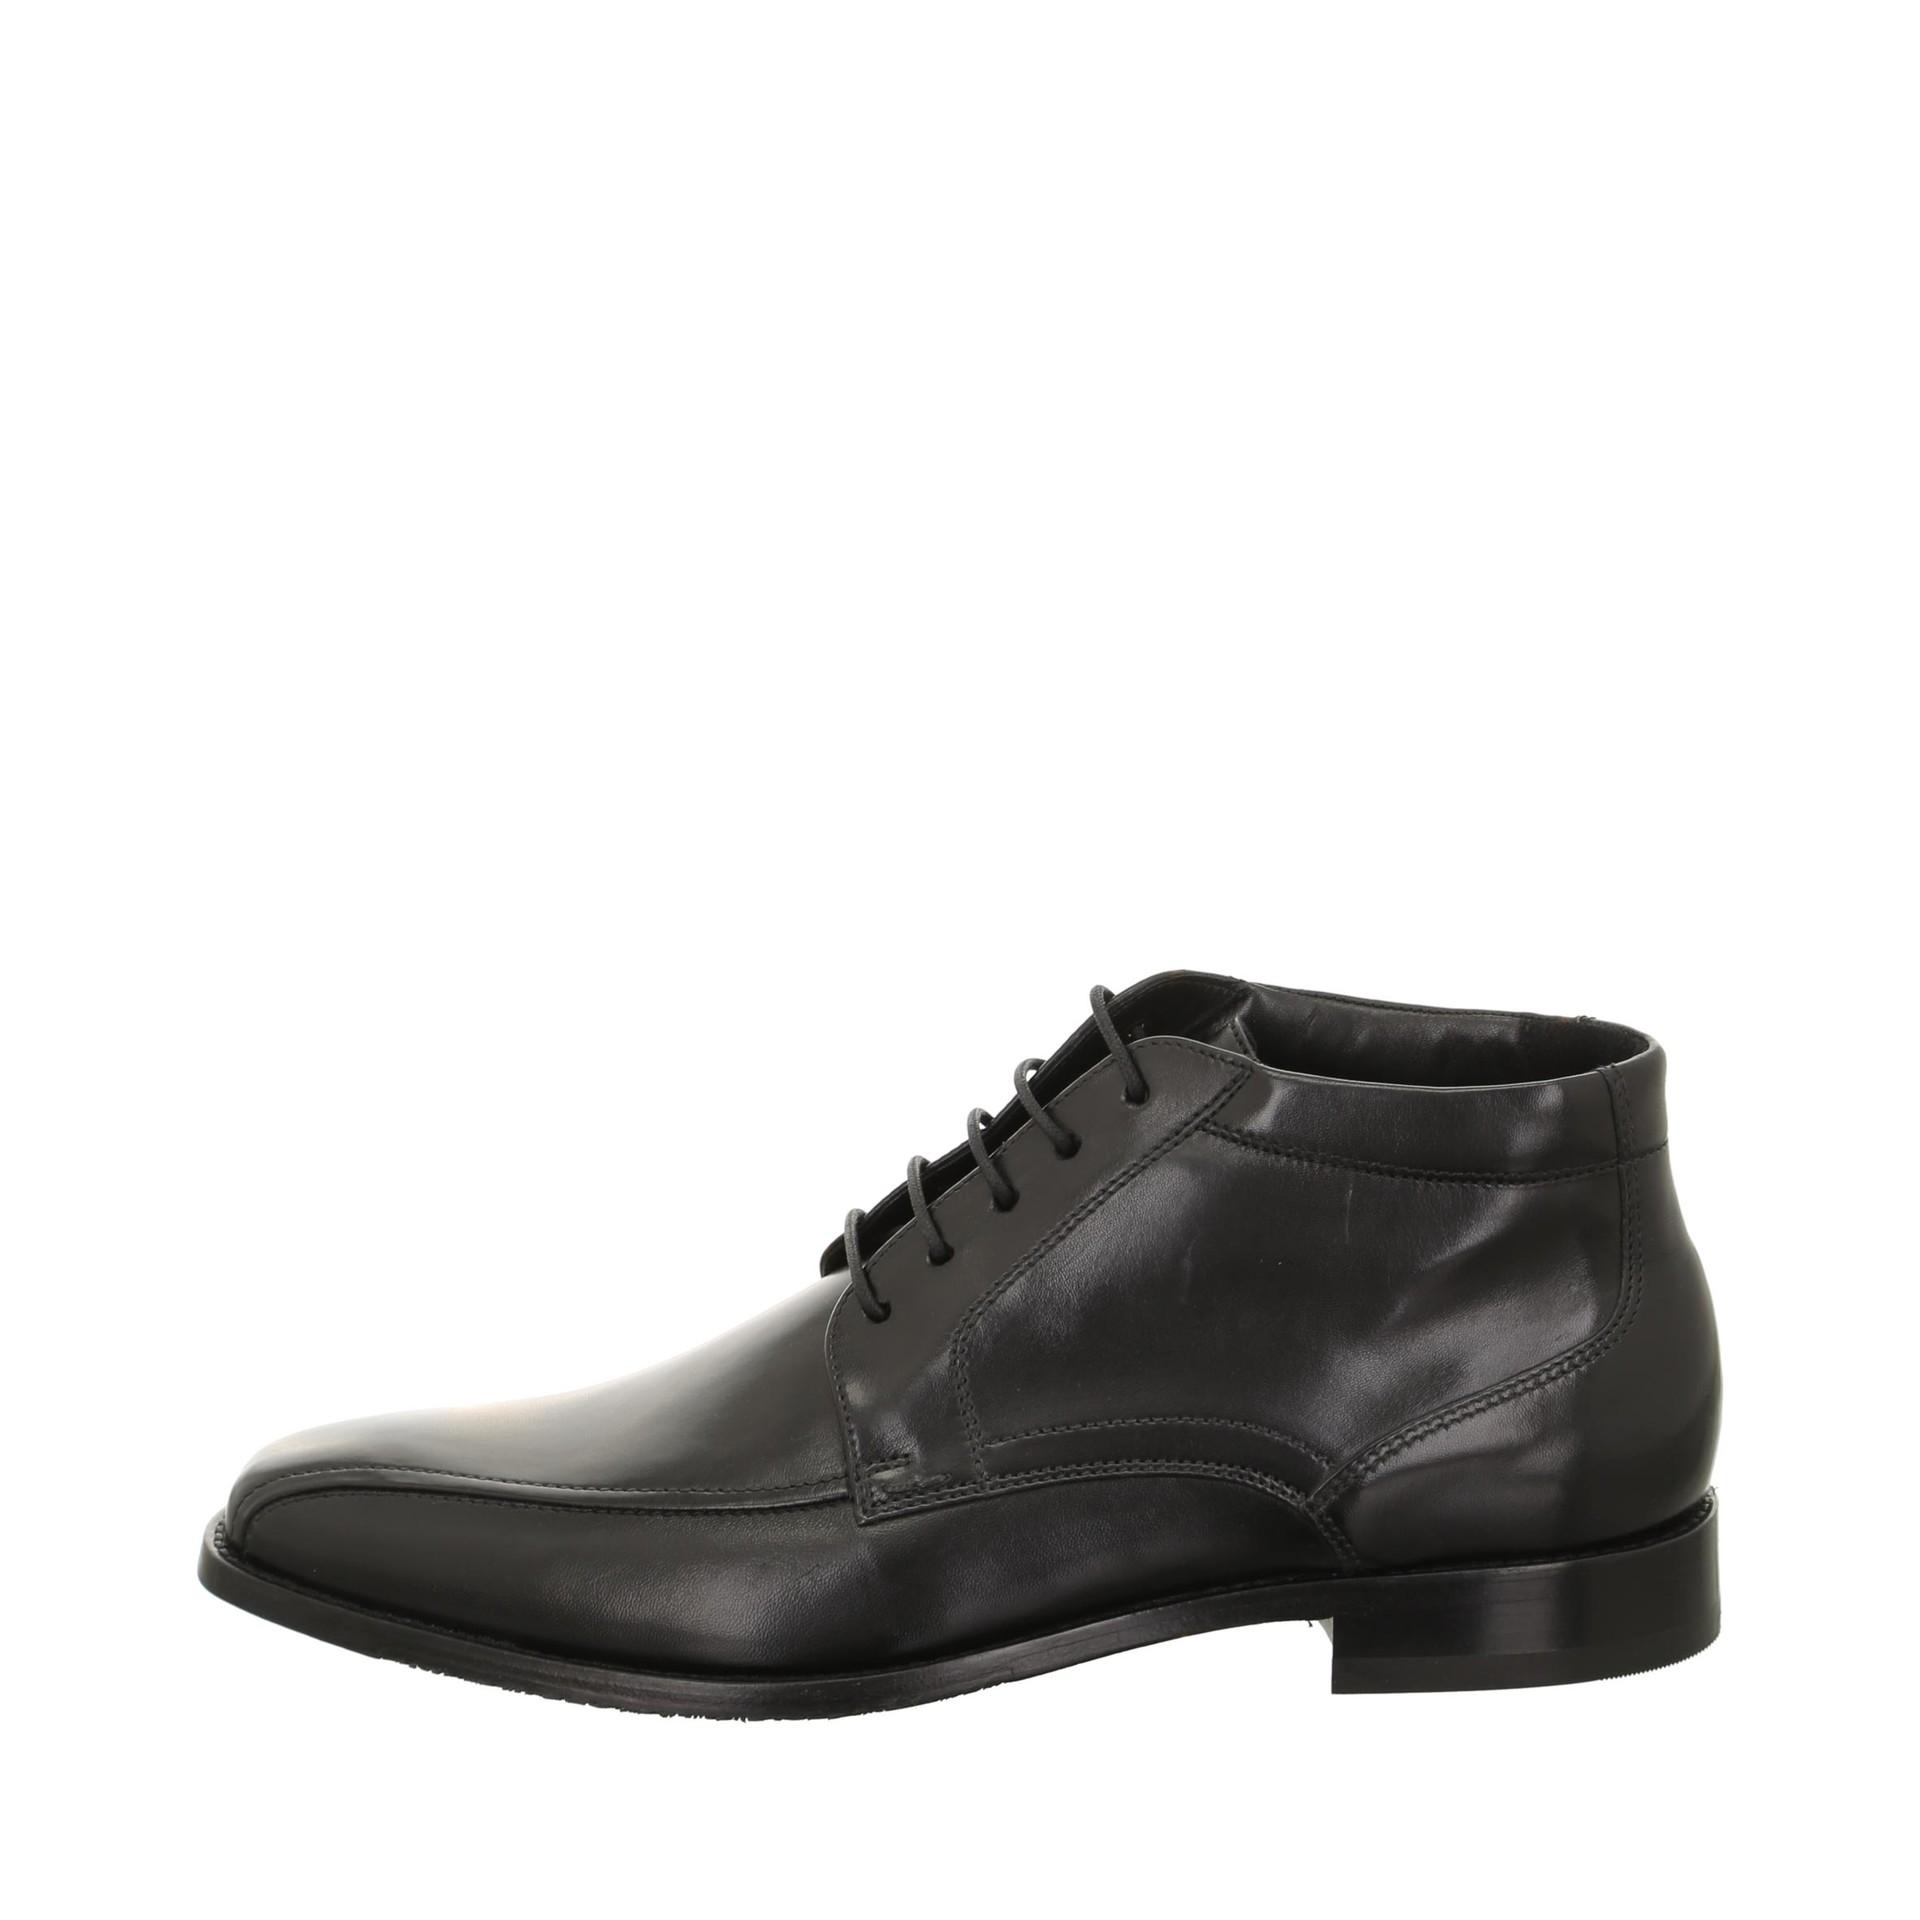 9088eceb84d2 Soňa - Pánska obuv - Zimná - Čierne šnurovacie topánky Salamander